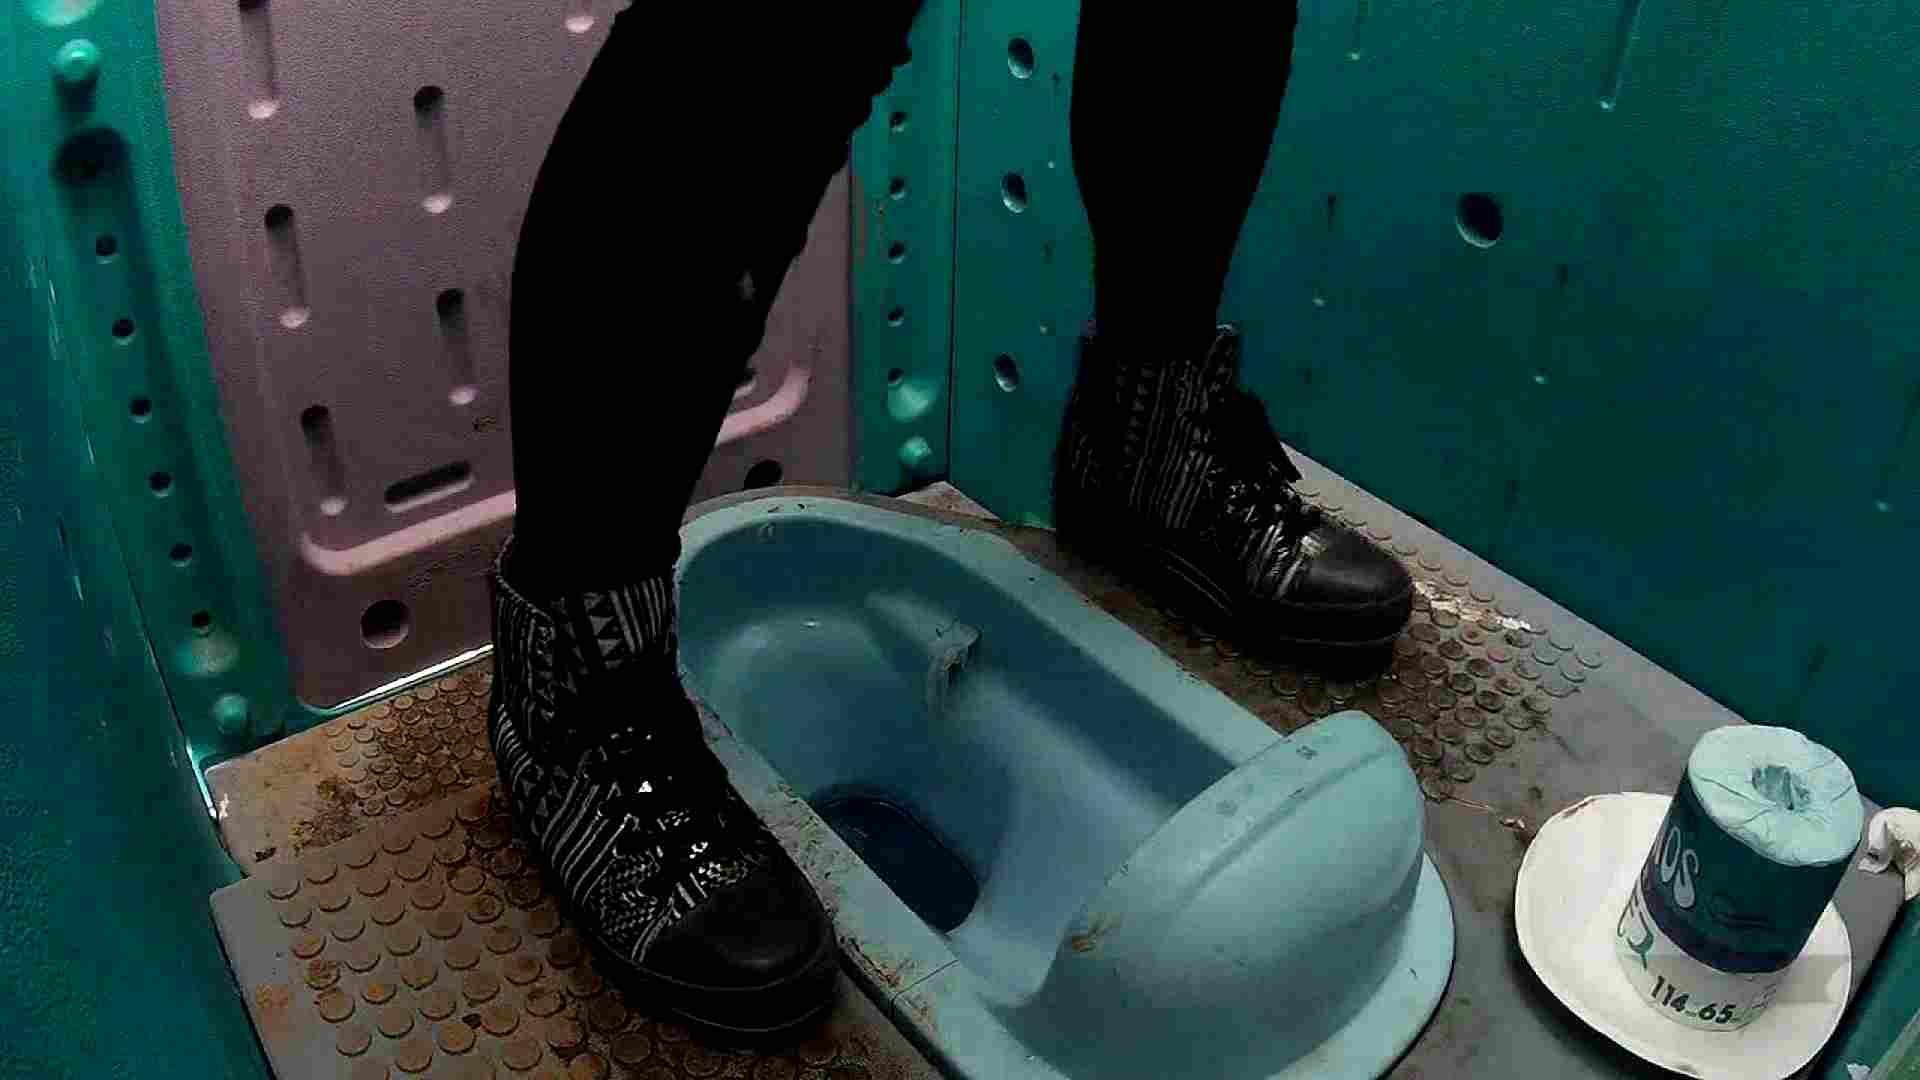 痴態洗面所 Vol.06 中が「マジヤバいヨネ!」洗面所 OLのボディ  49PIX 36